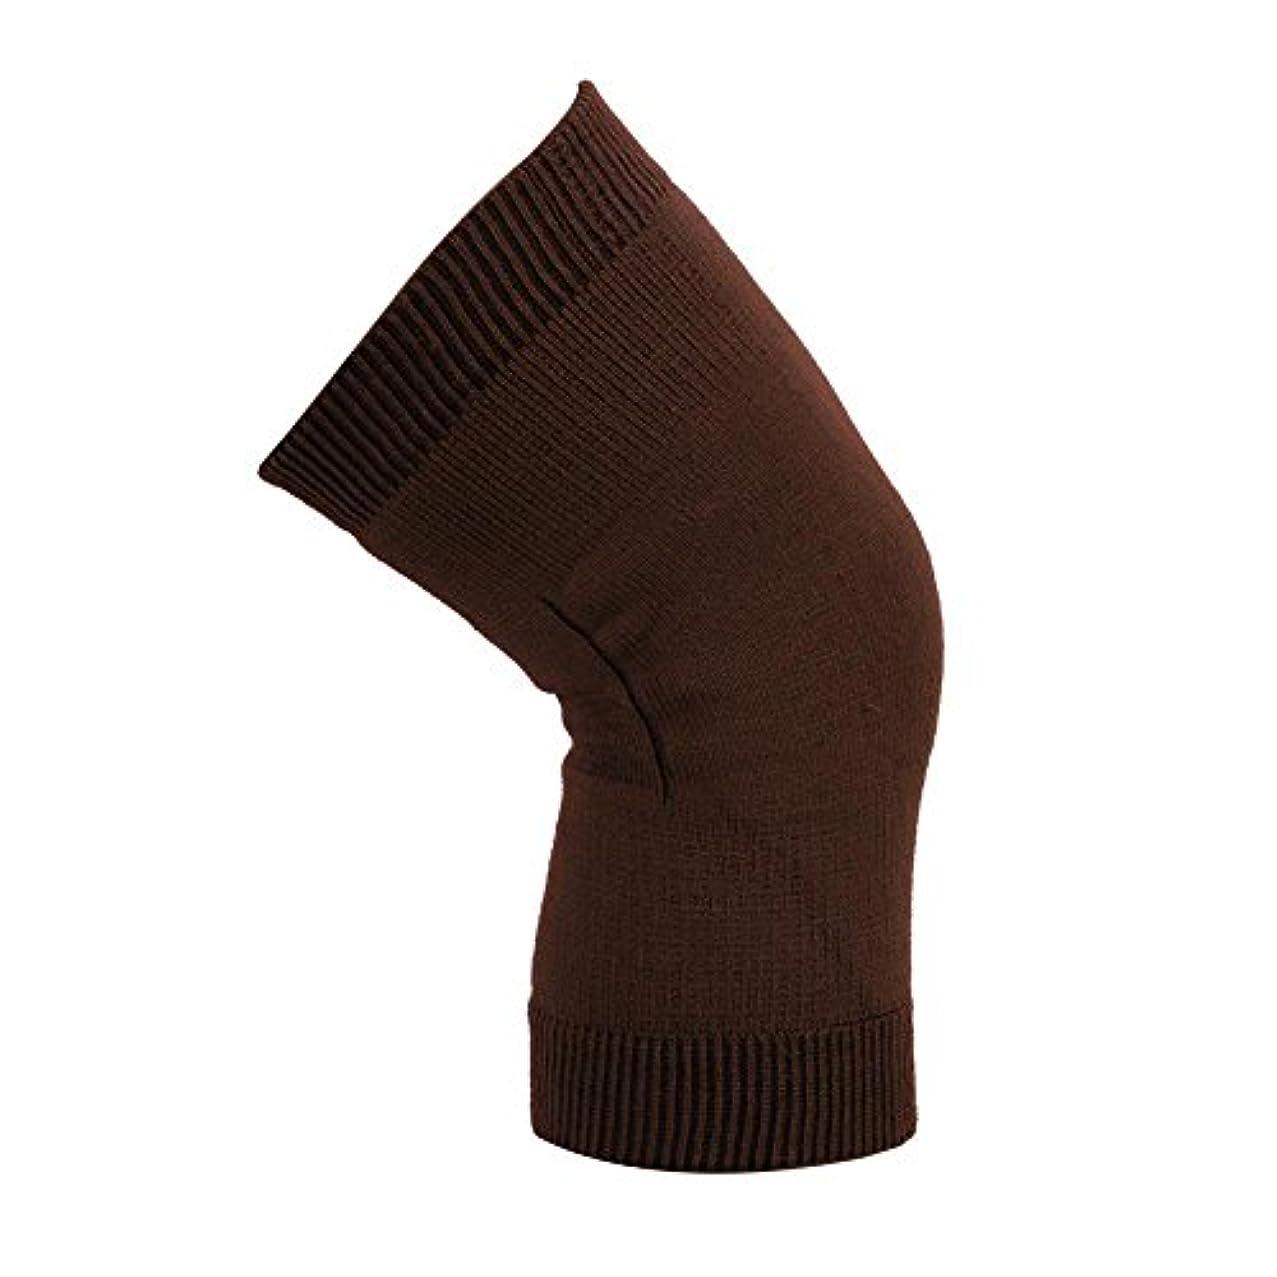 ドルパトワマージ膝関節のサポート - 膝のサポート、大人の膝パッドのサポートダブル膝のサポート - 膝セットロッククライミングジョギングバレーボール乗馬膝の負傷者男性と女性1ペア(コーヒー)